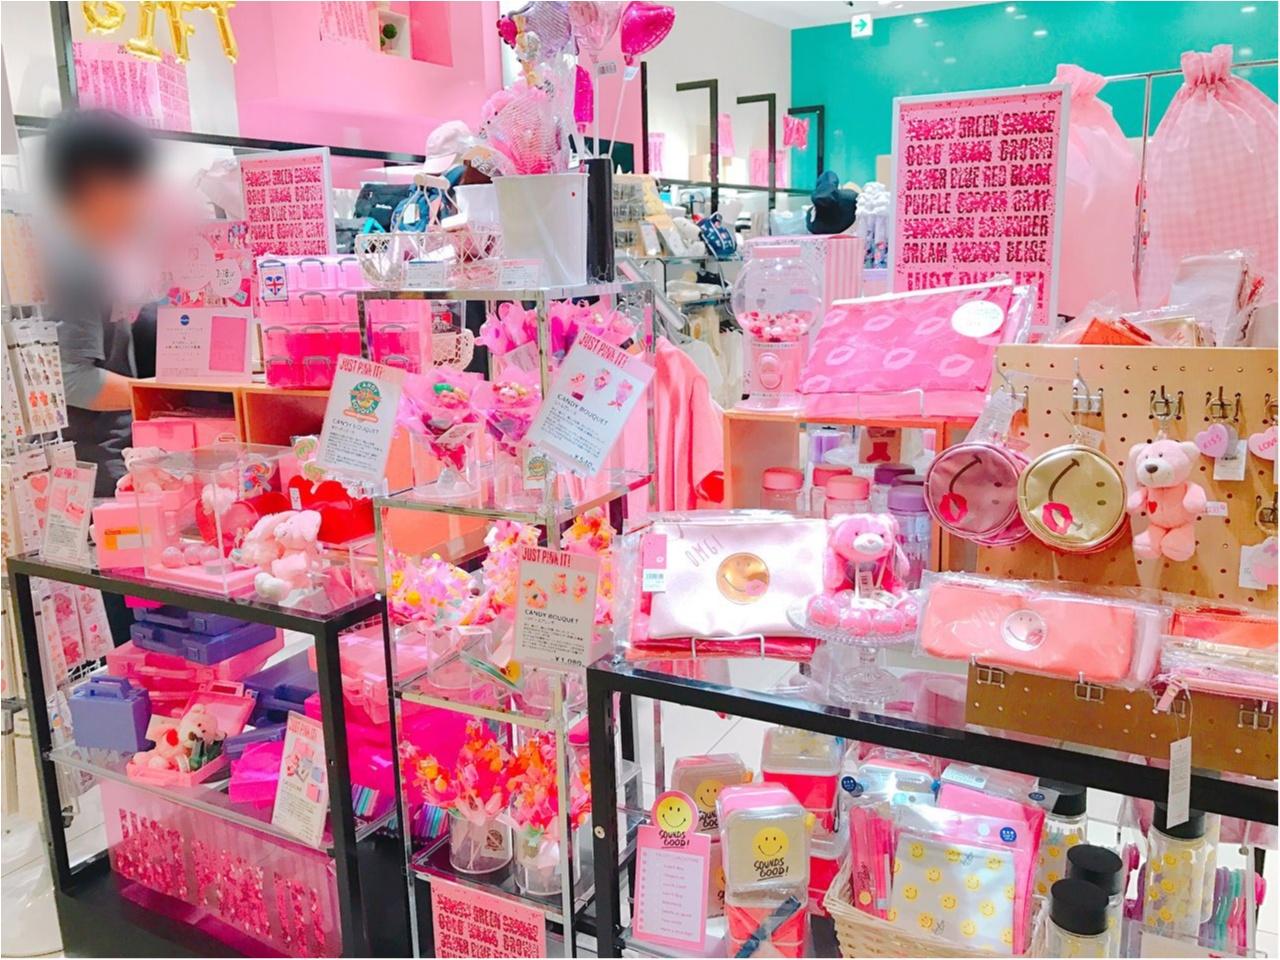 《JUST PINK IT!》この春は『ピンク』に囲まれたい♪【PLAZA】のピンク特集で限定の〇〇〇をGET♡_2